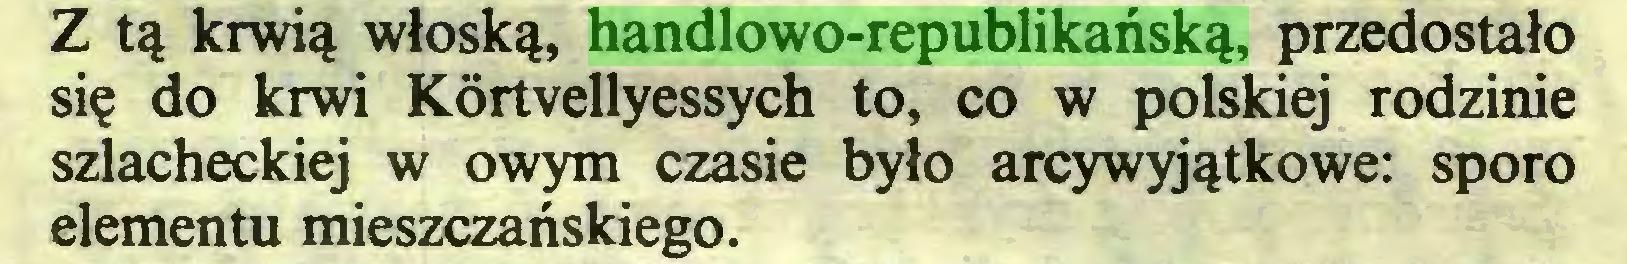 (...) Z tą krwią włoską, handlowo-republikańską, przedostało się do krwi Kórtvellyessych to, co w polskiej rodzinie szlacheckiej w owym czasie było arcywyjątkowe: sporo elementu mieszczańskiego...